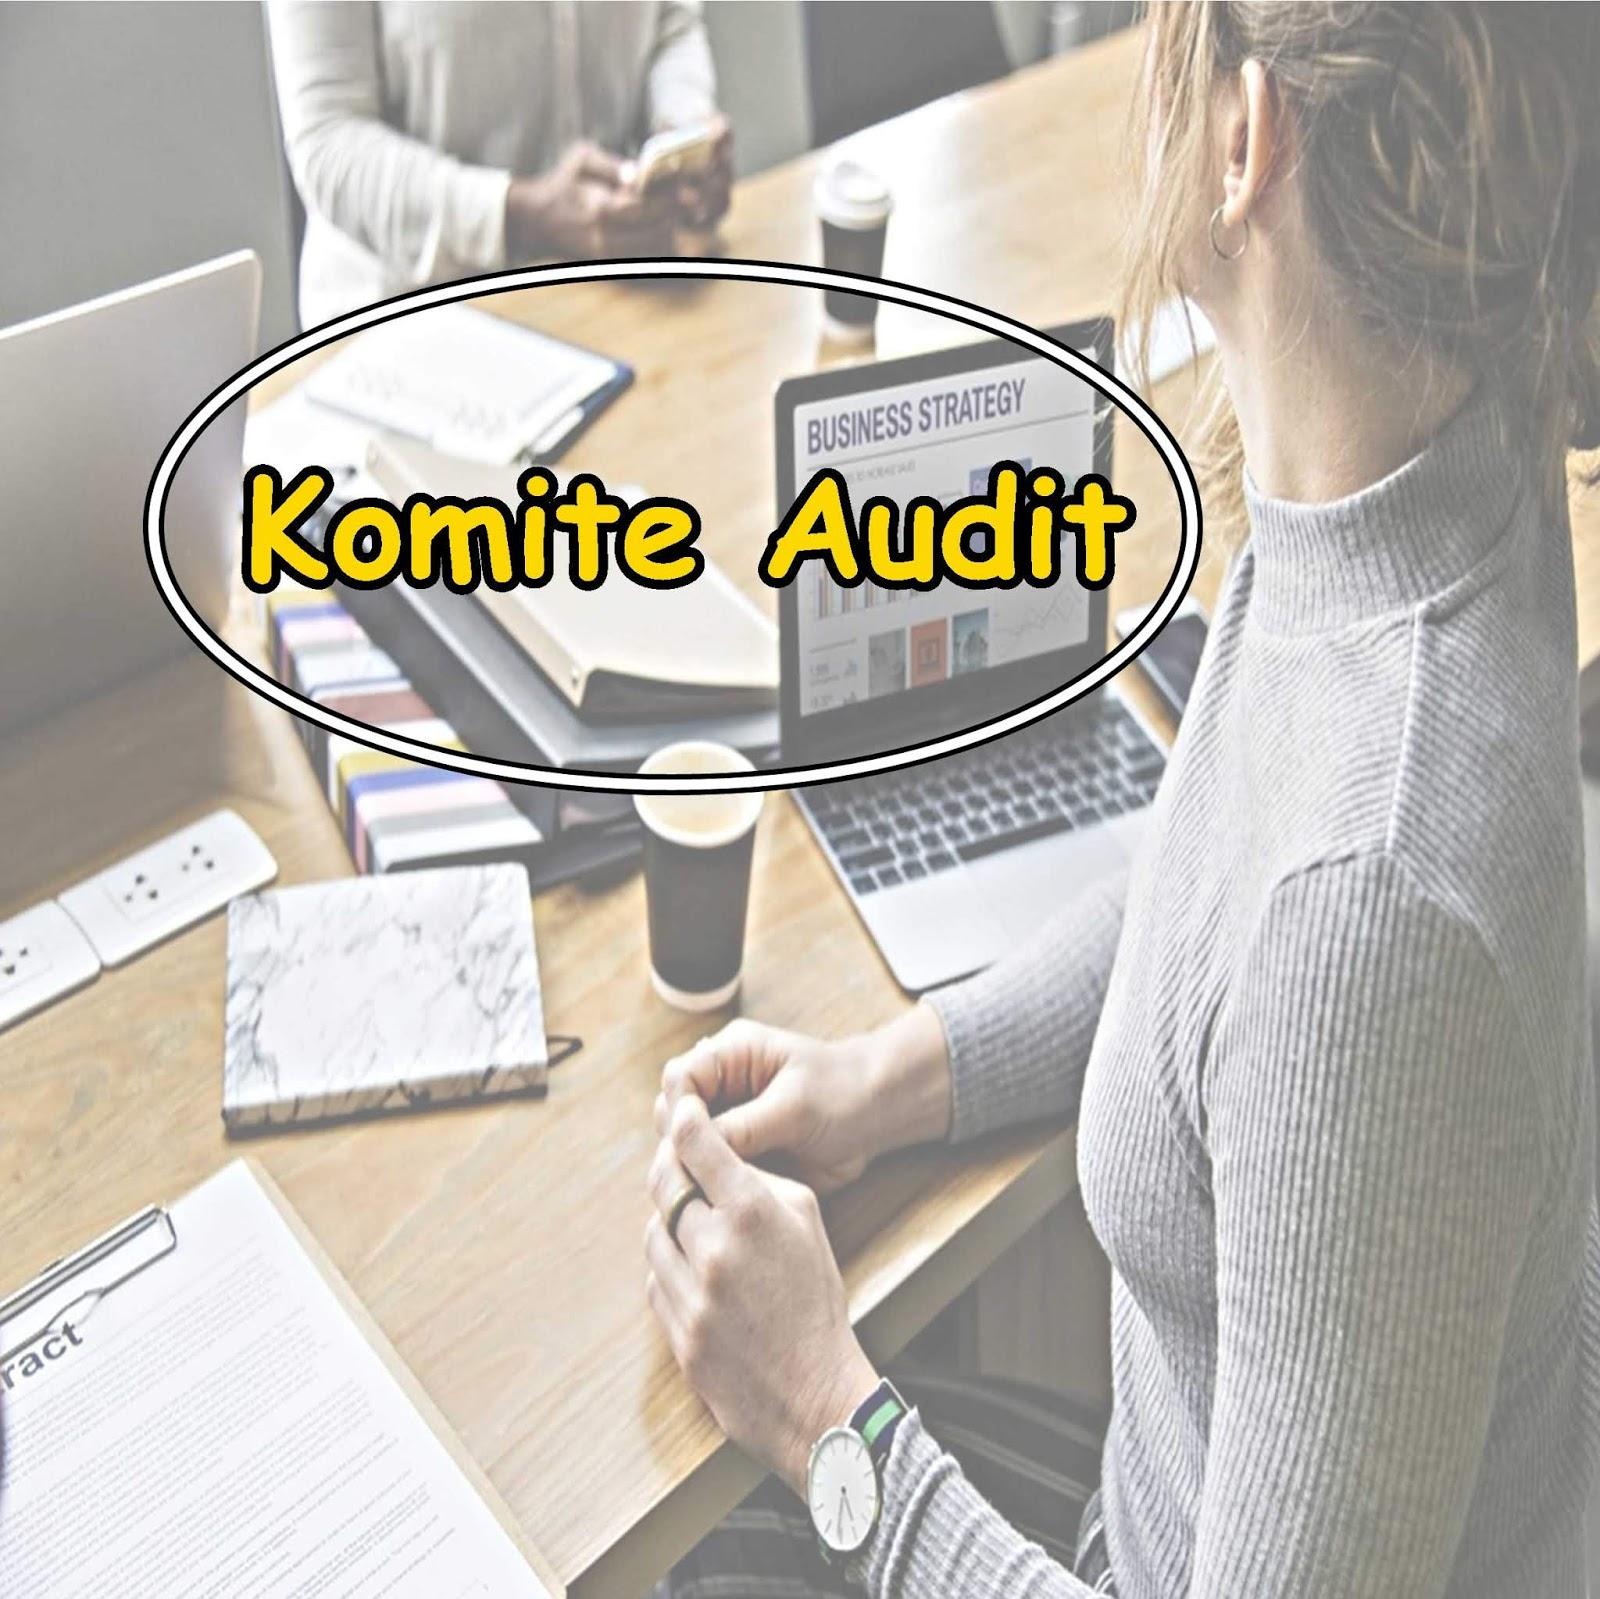 Komite Audit Pengertian Tugas Peran Dan Rumus Cara Mencarinya Edusaham